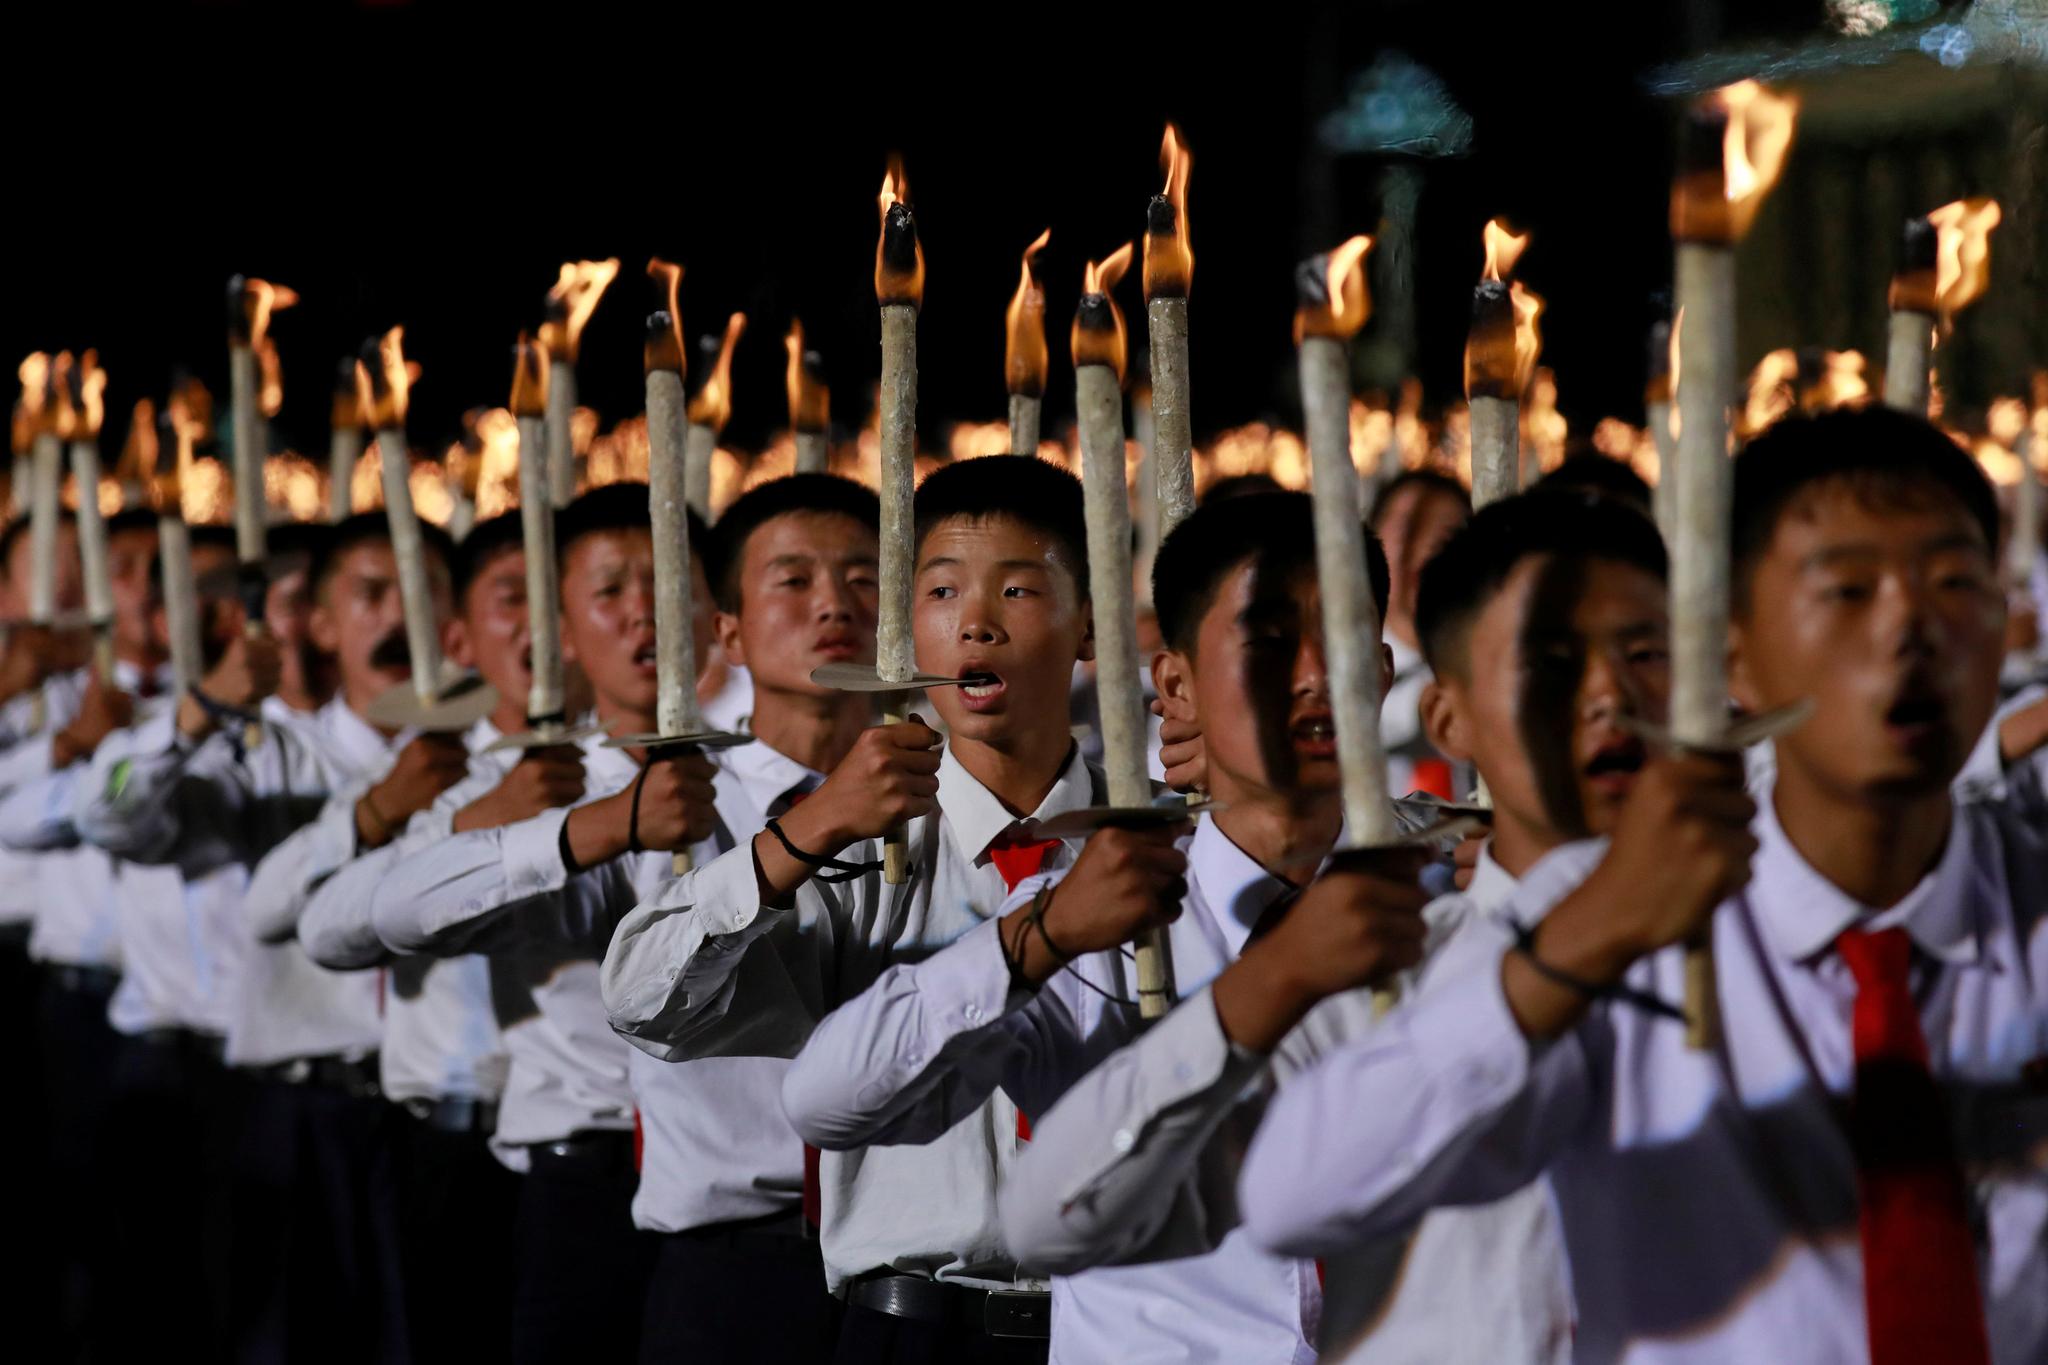 북한 학생들이 함성을 지르며 행진하고 있다. [로이터=연합뉴스]